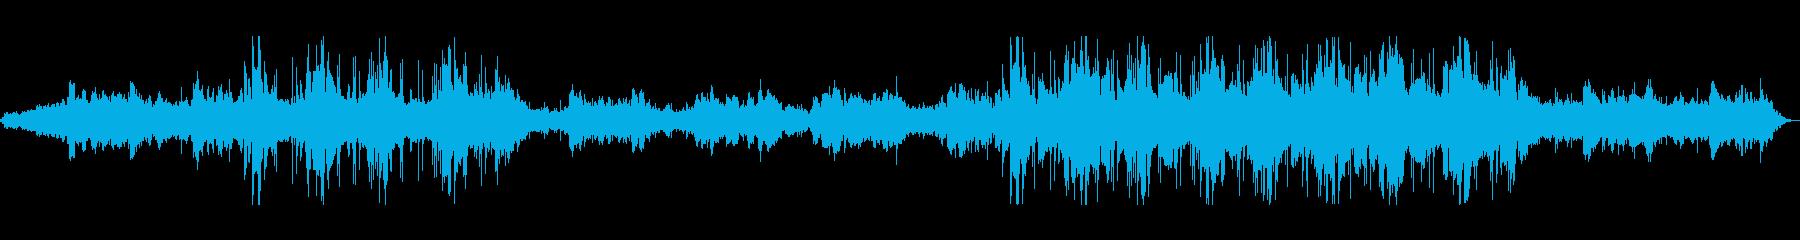 ギター主旋のリラックスアンビエントの再生済みの波形